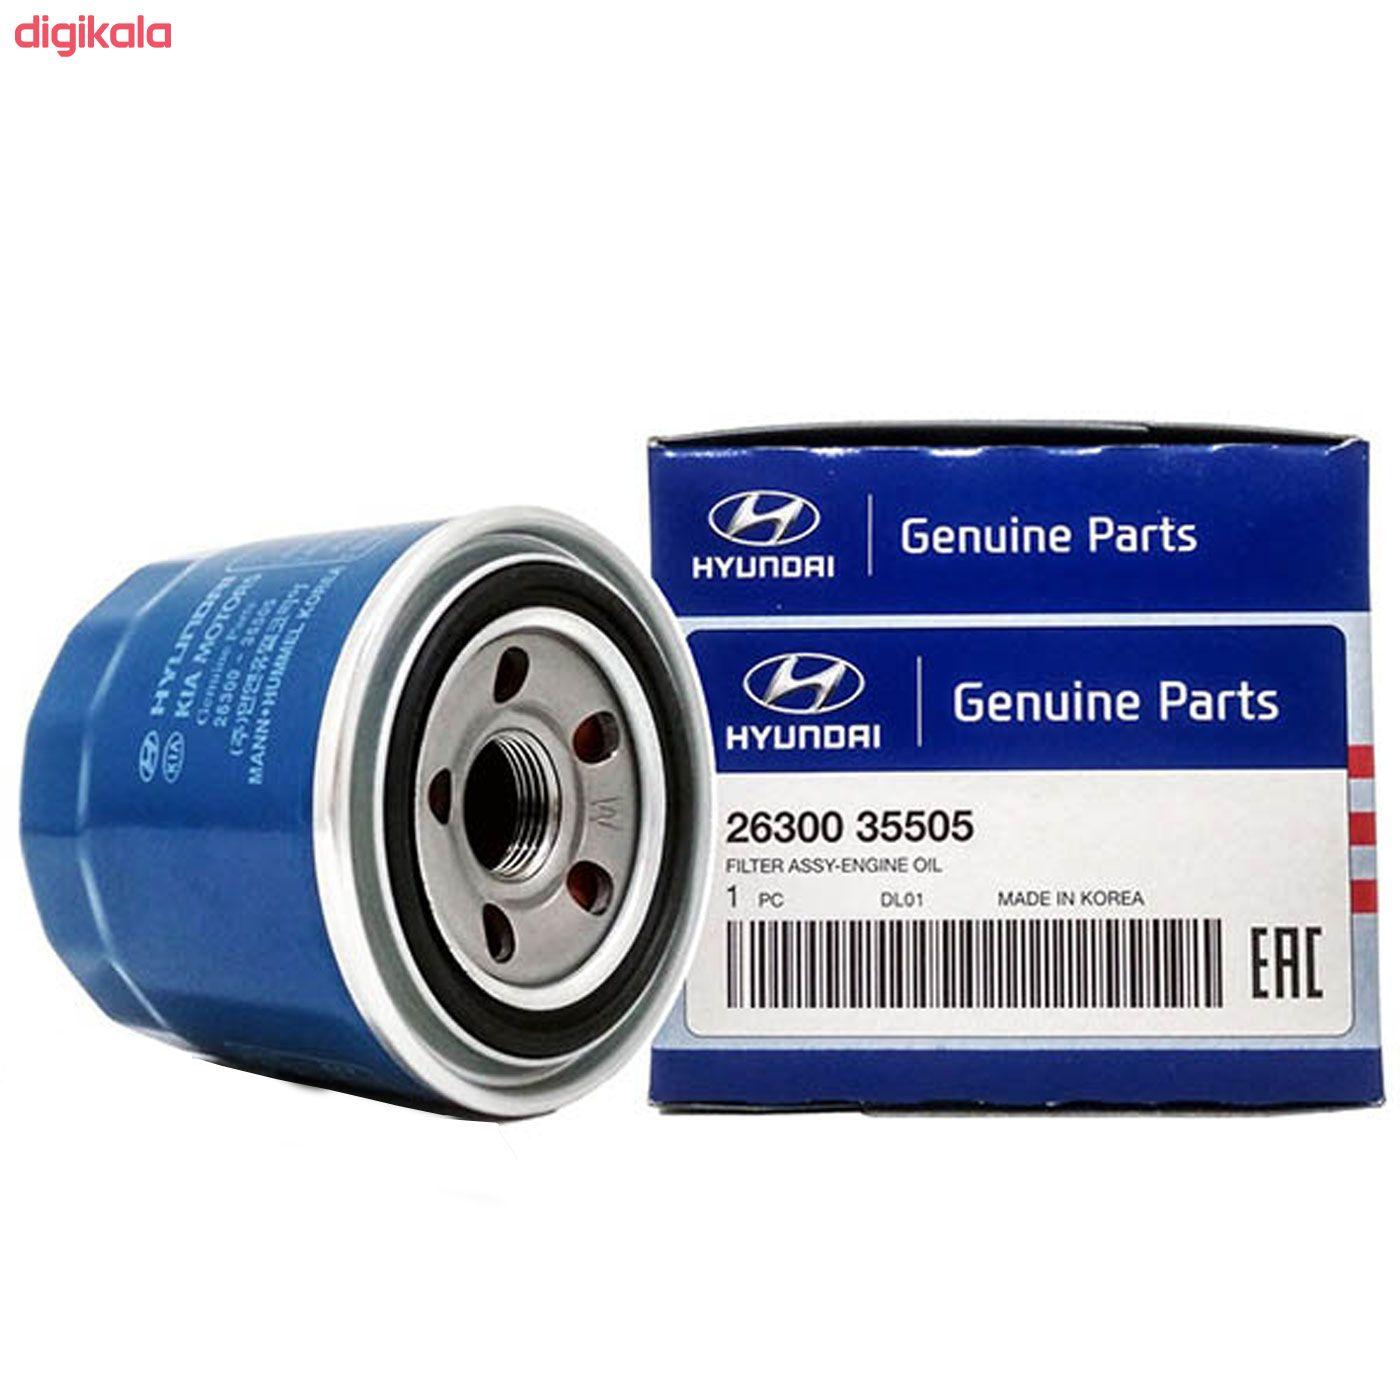 فیلتر روغن خودرو هیوندای جنیون پارتس مدل 35505 مناسب برای سراتو نیو YD main 1 2